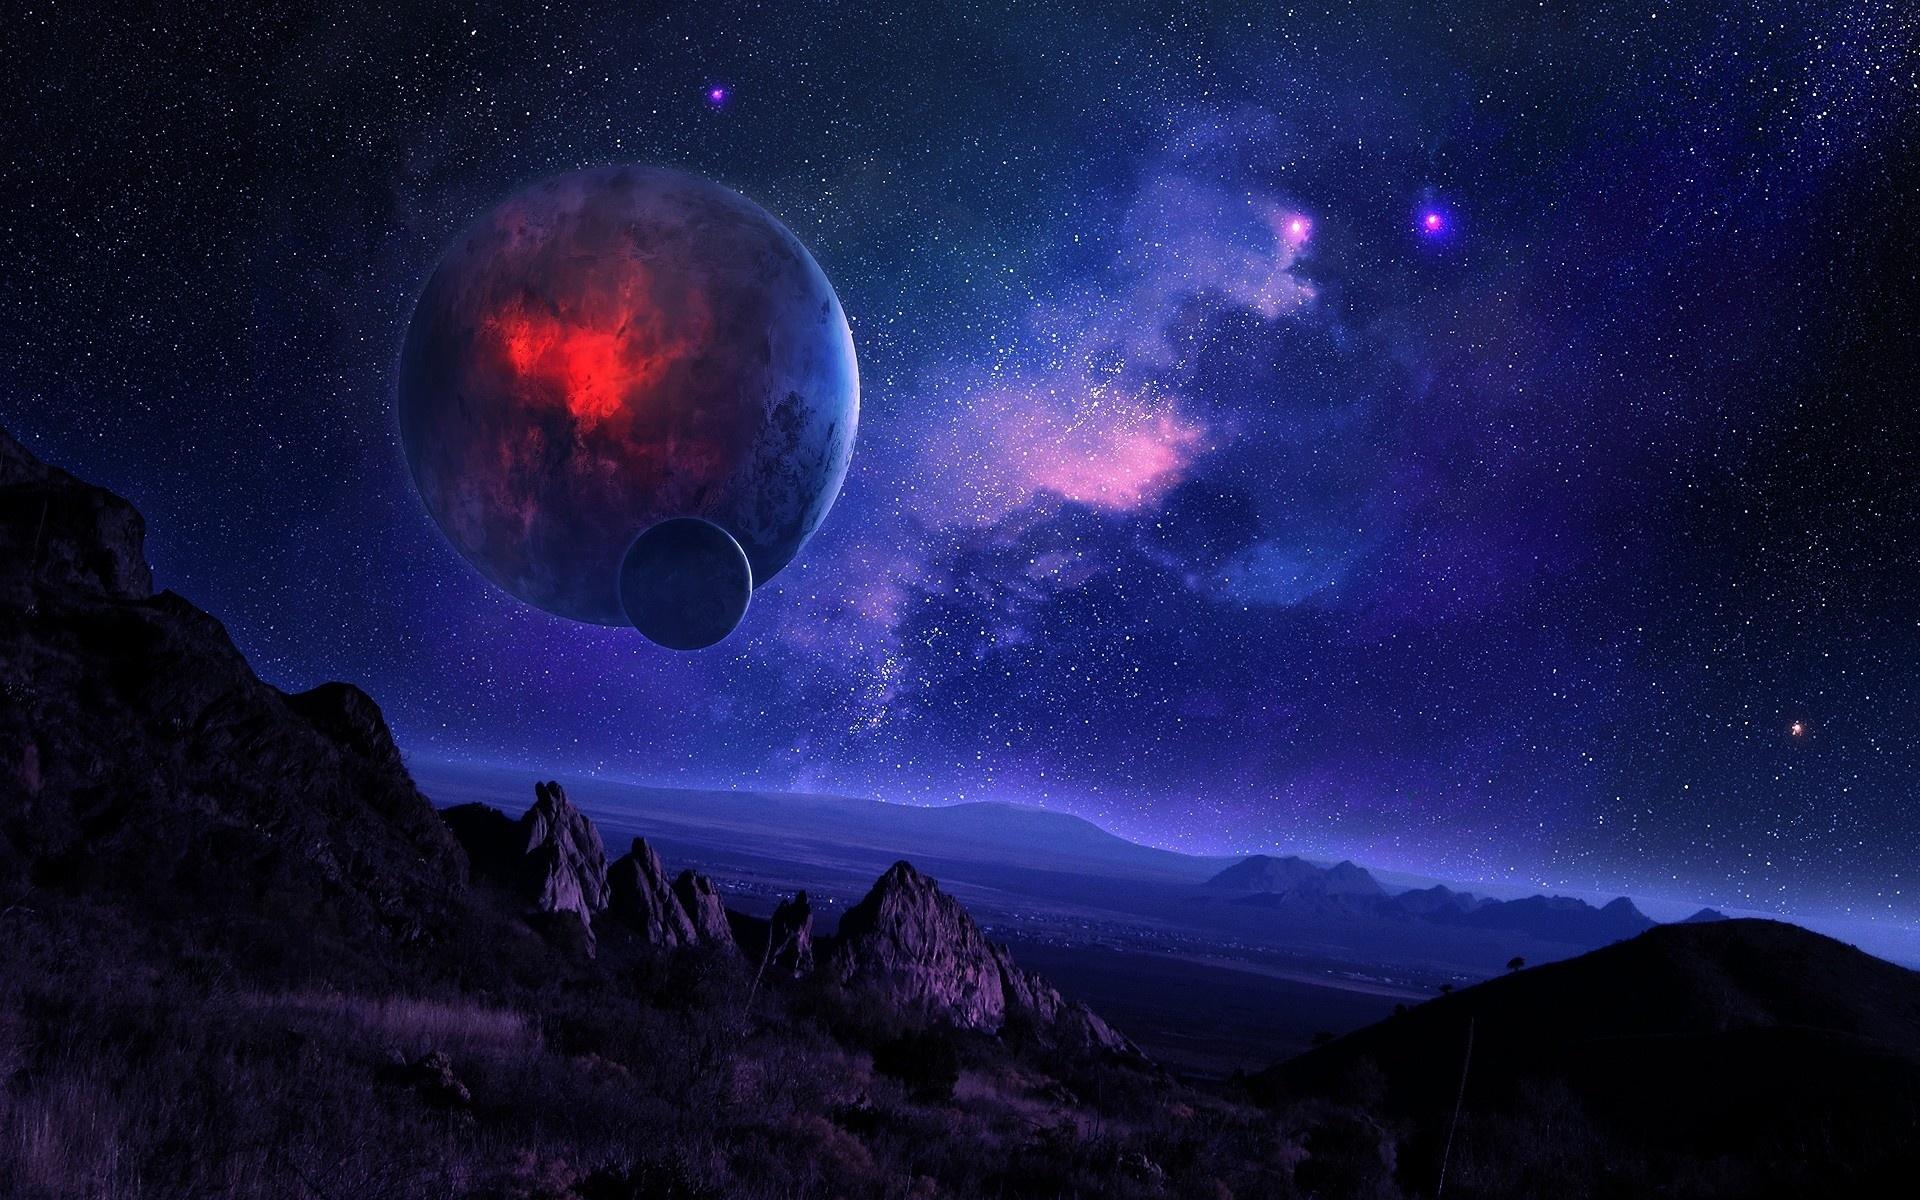 Обои Звездное небо над землей картинки на рабочий стол на тему Космос - скачать  № 1768347 без смс